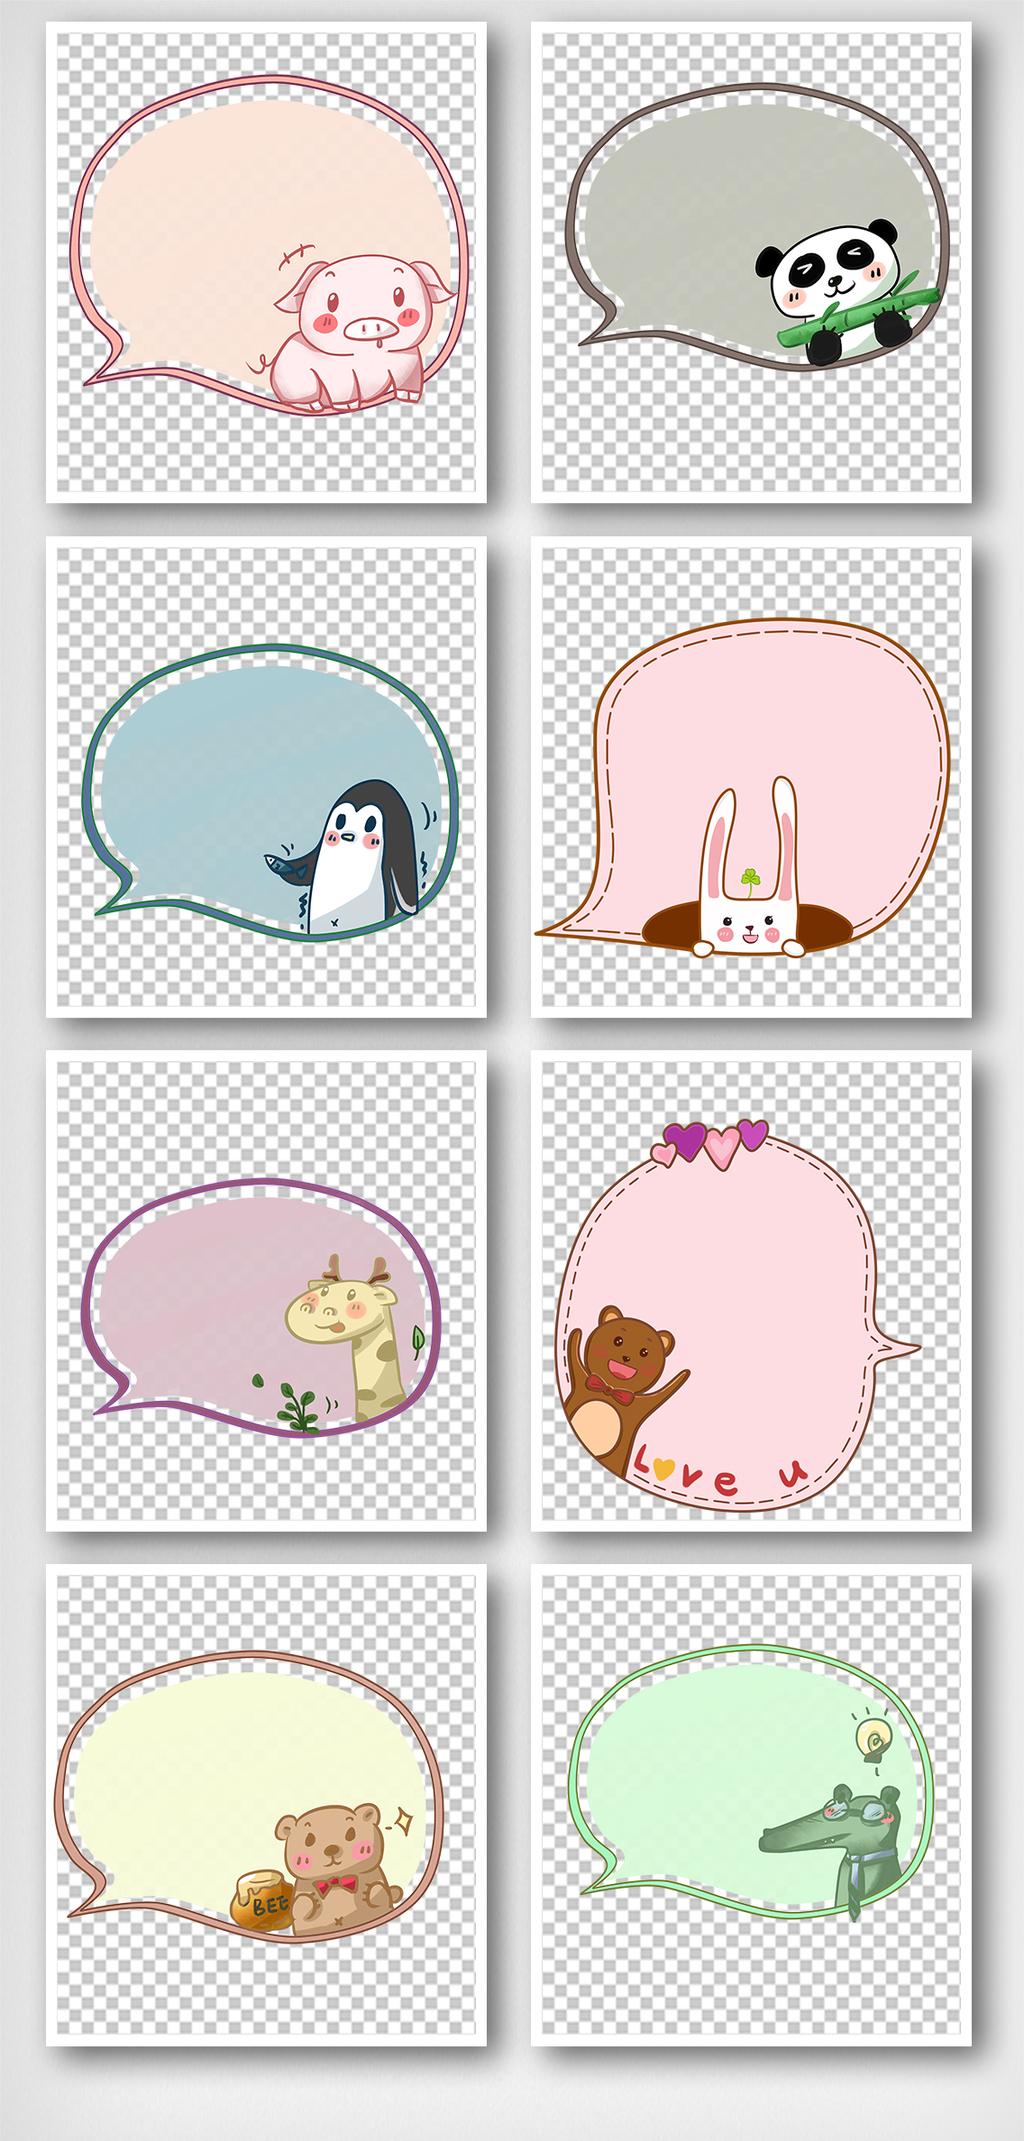 手抄报|小报 小报/板报素材 边框 > 手绘卡通动物对话边框手抄报元素